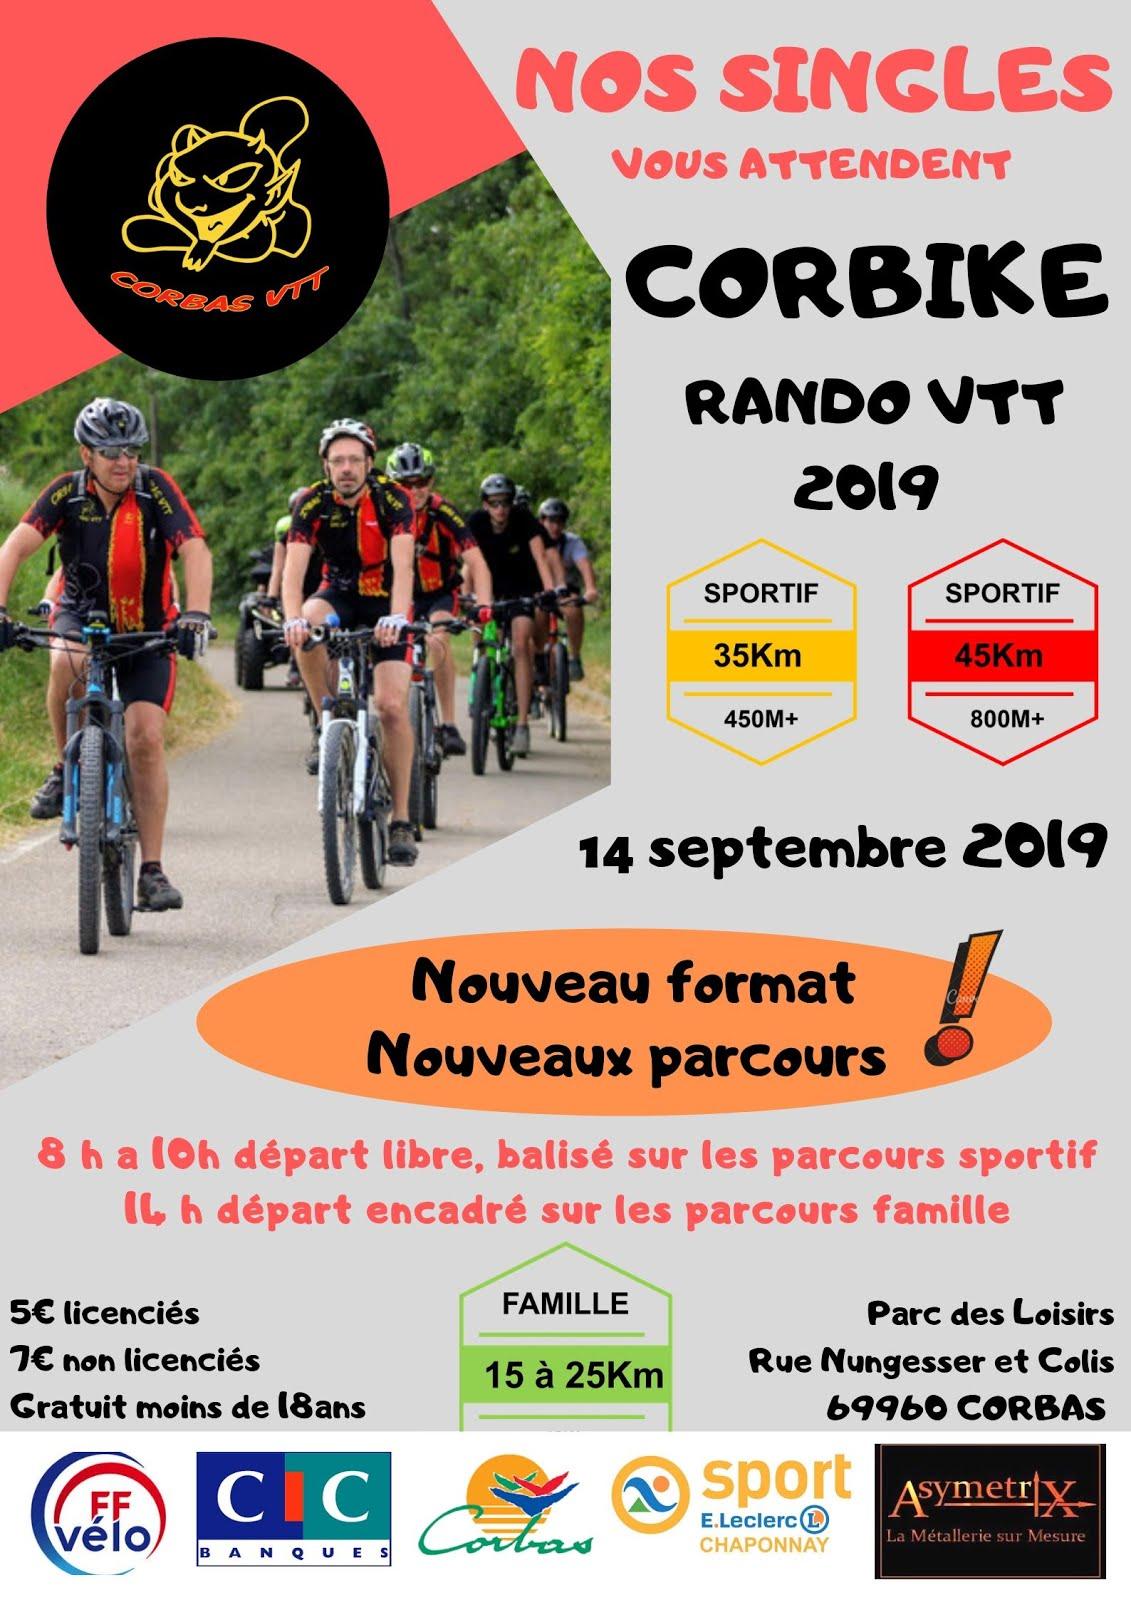 Corbike 2019